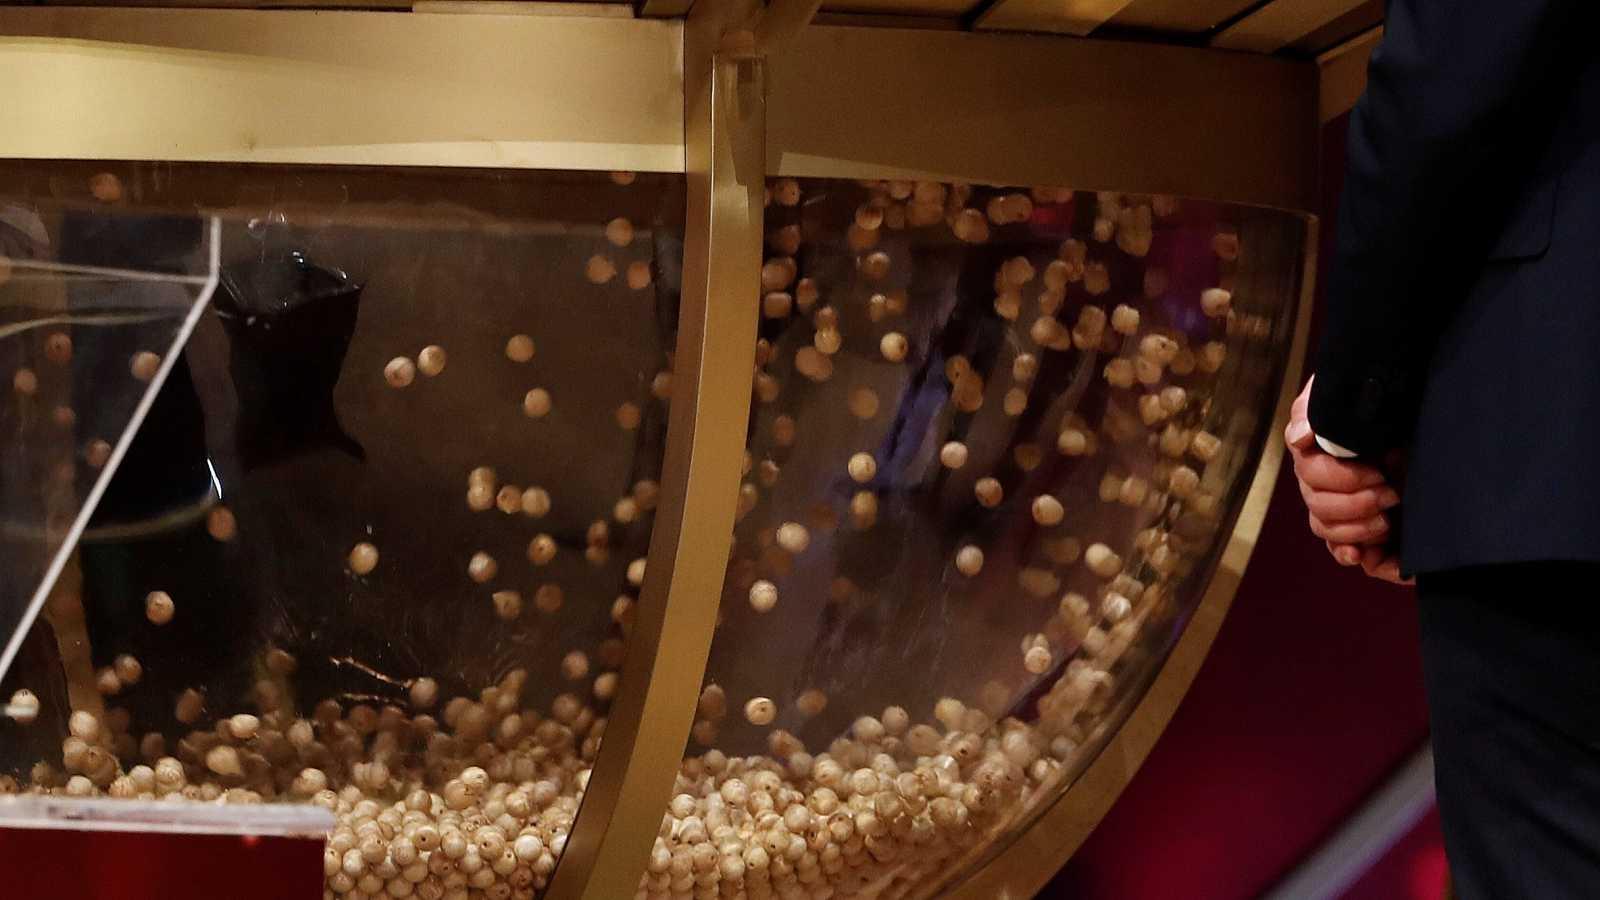 Volcado de las bolas en el bombo antes del inicio del Sorteo Extraordinario de la Lotería de Navidad